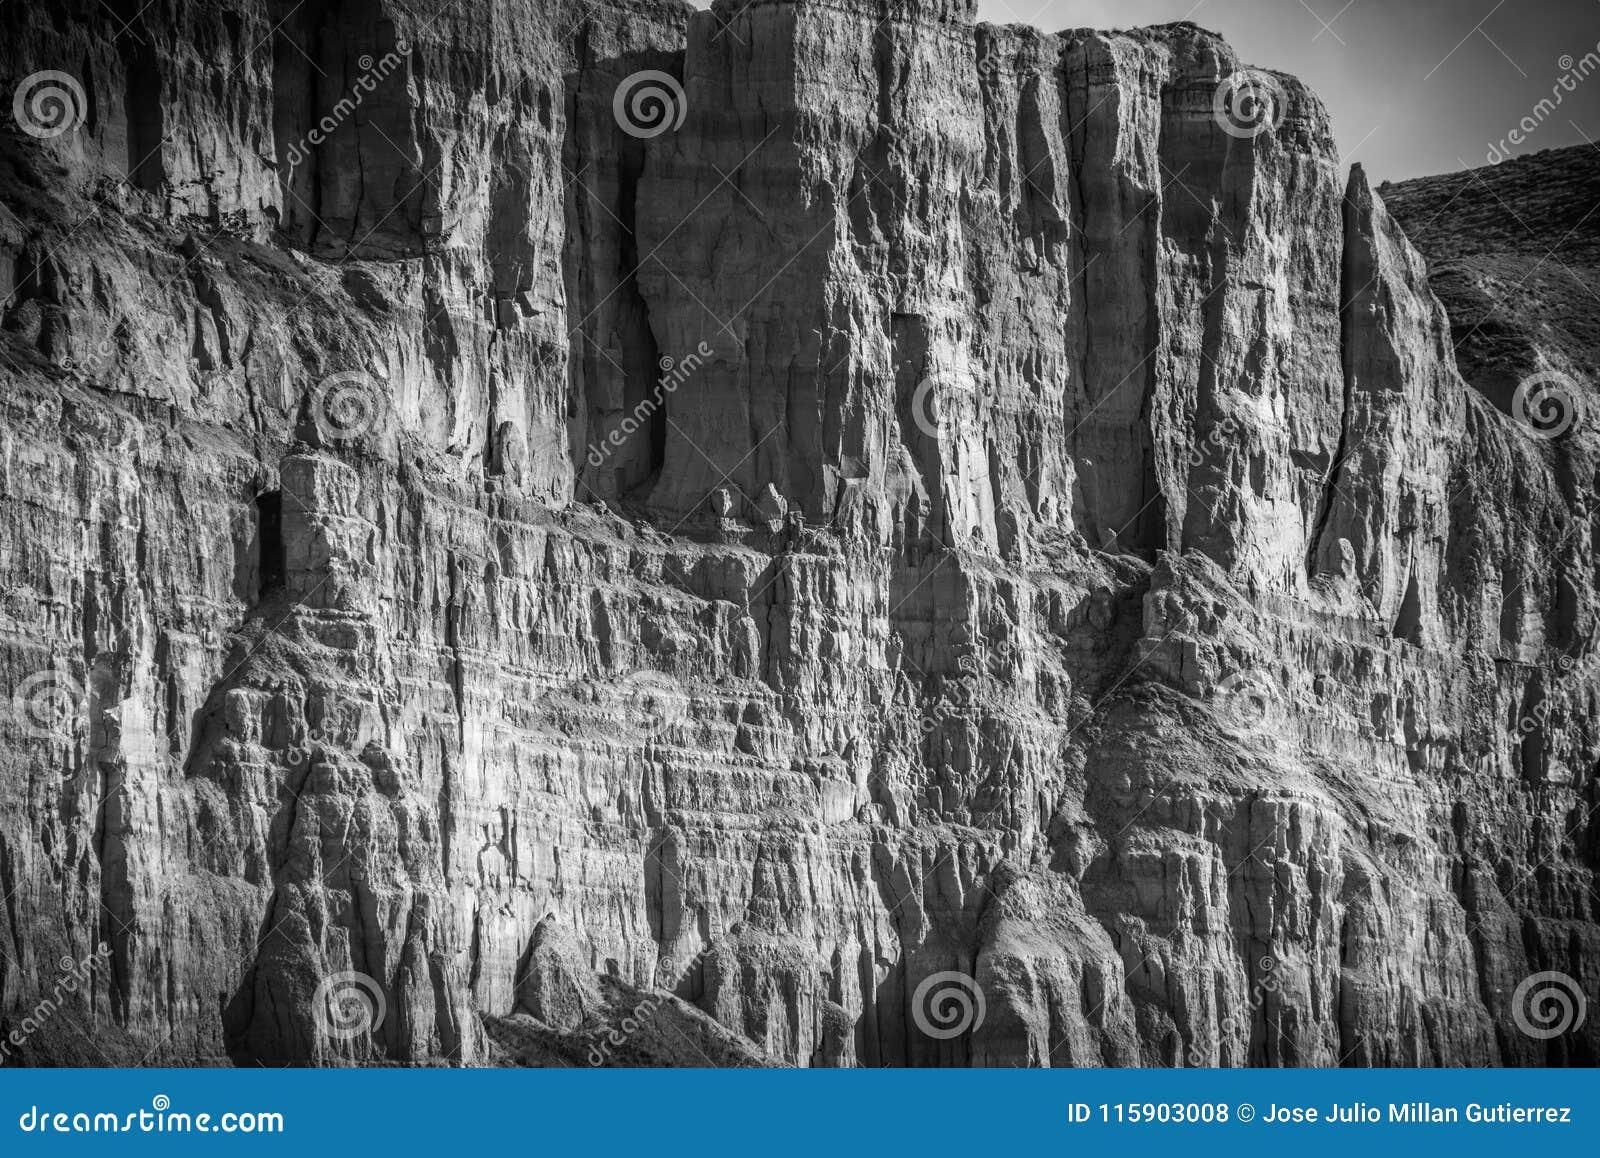 Pareti verticali accanto al fiume Escursione, brusca